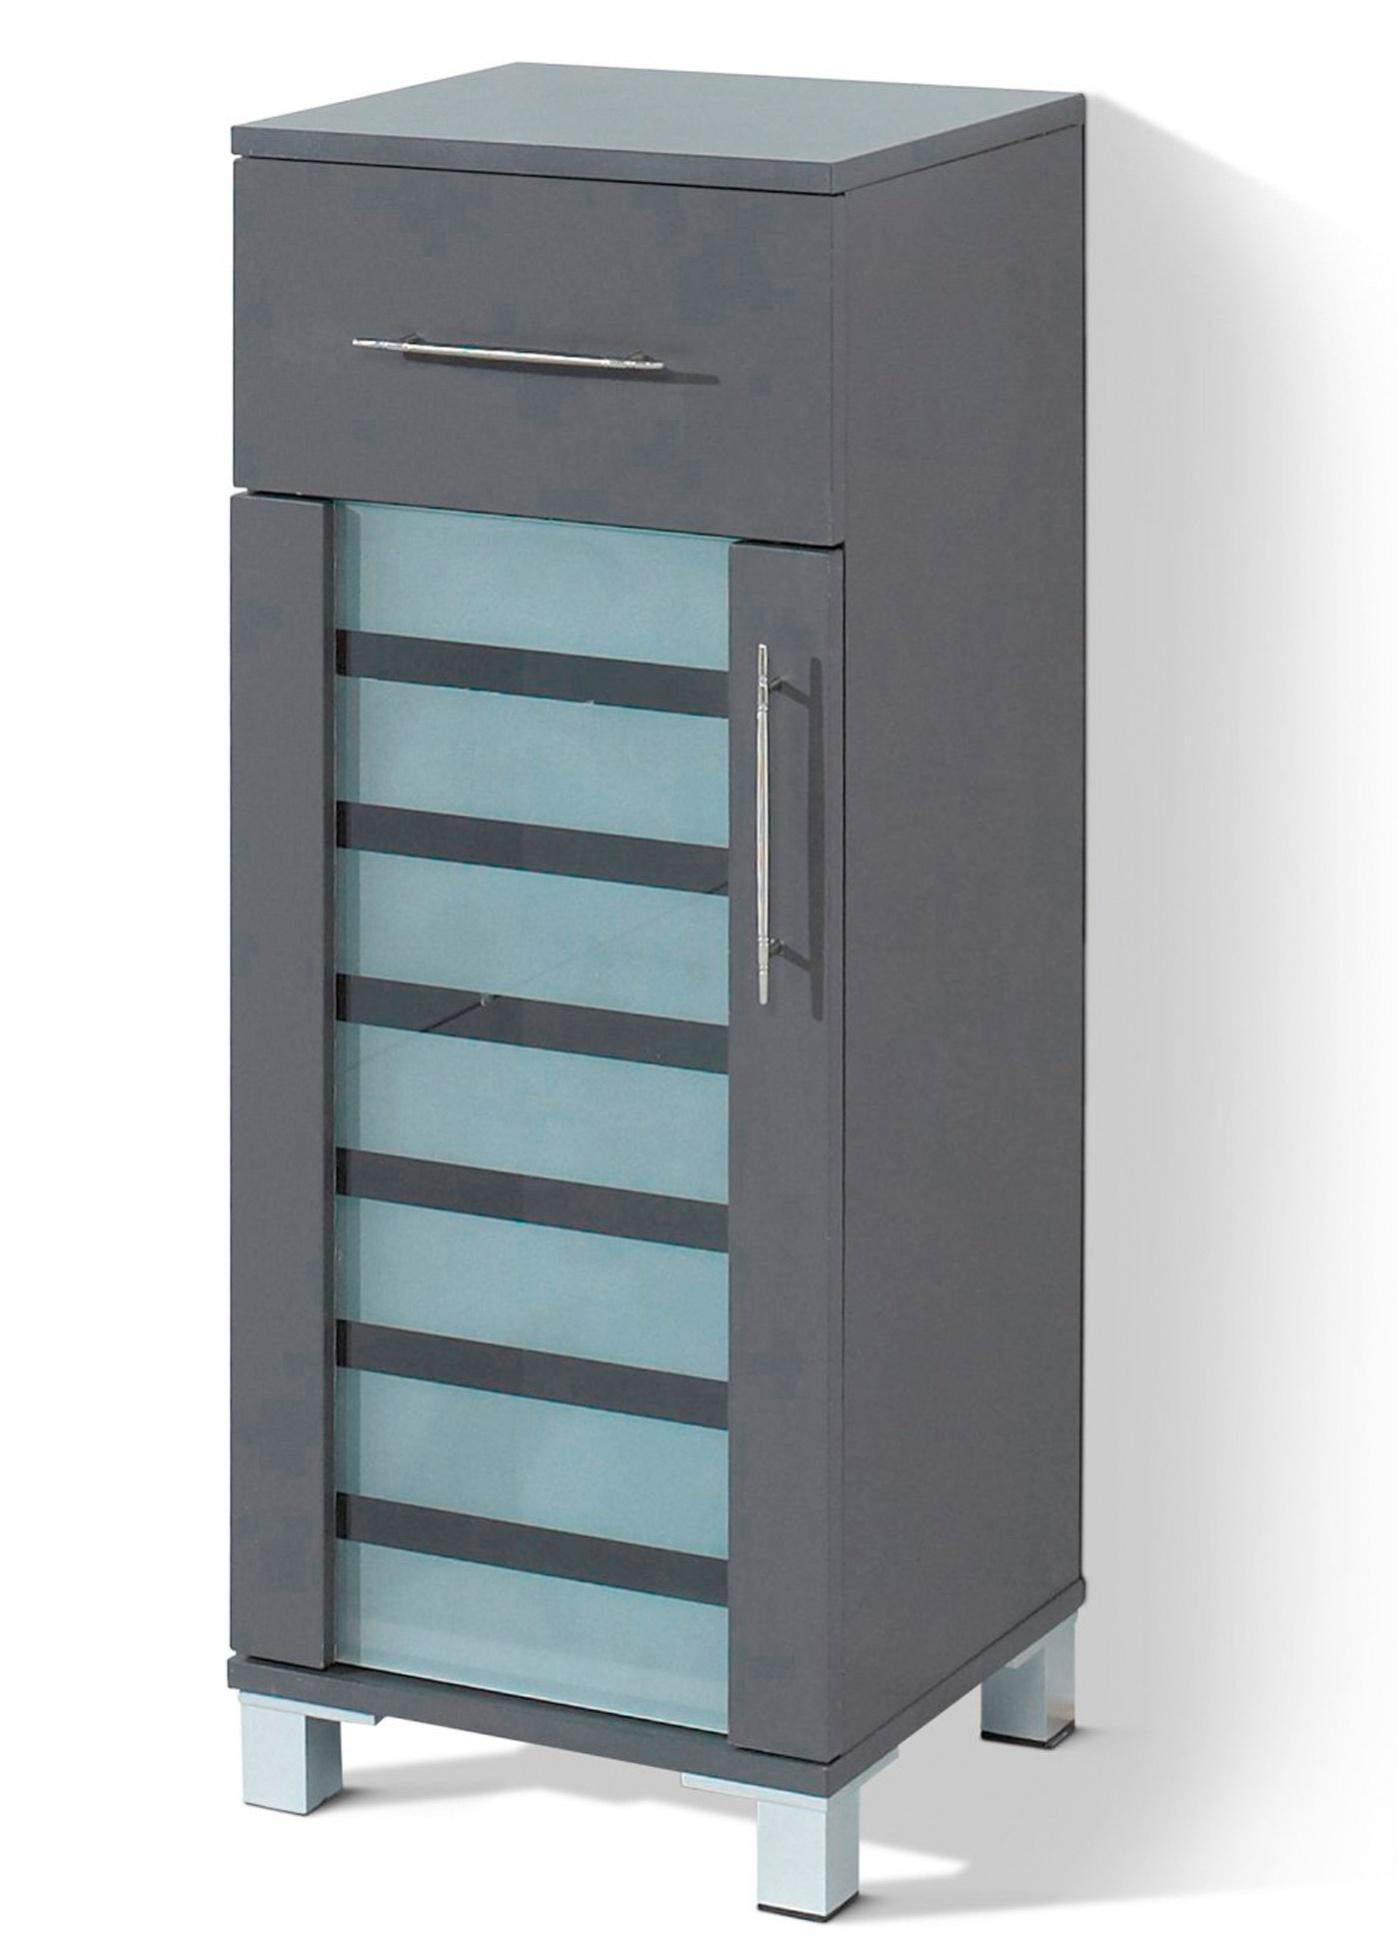 Image of Badezimmer Schrank stehend